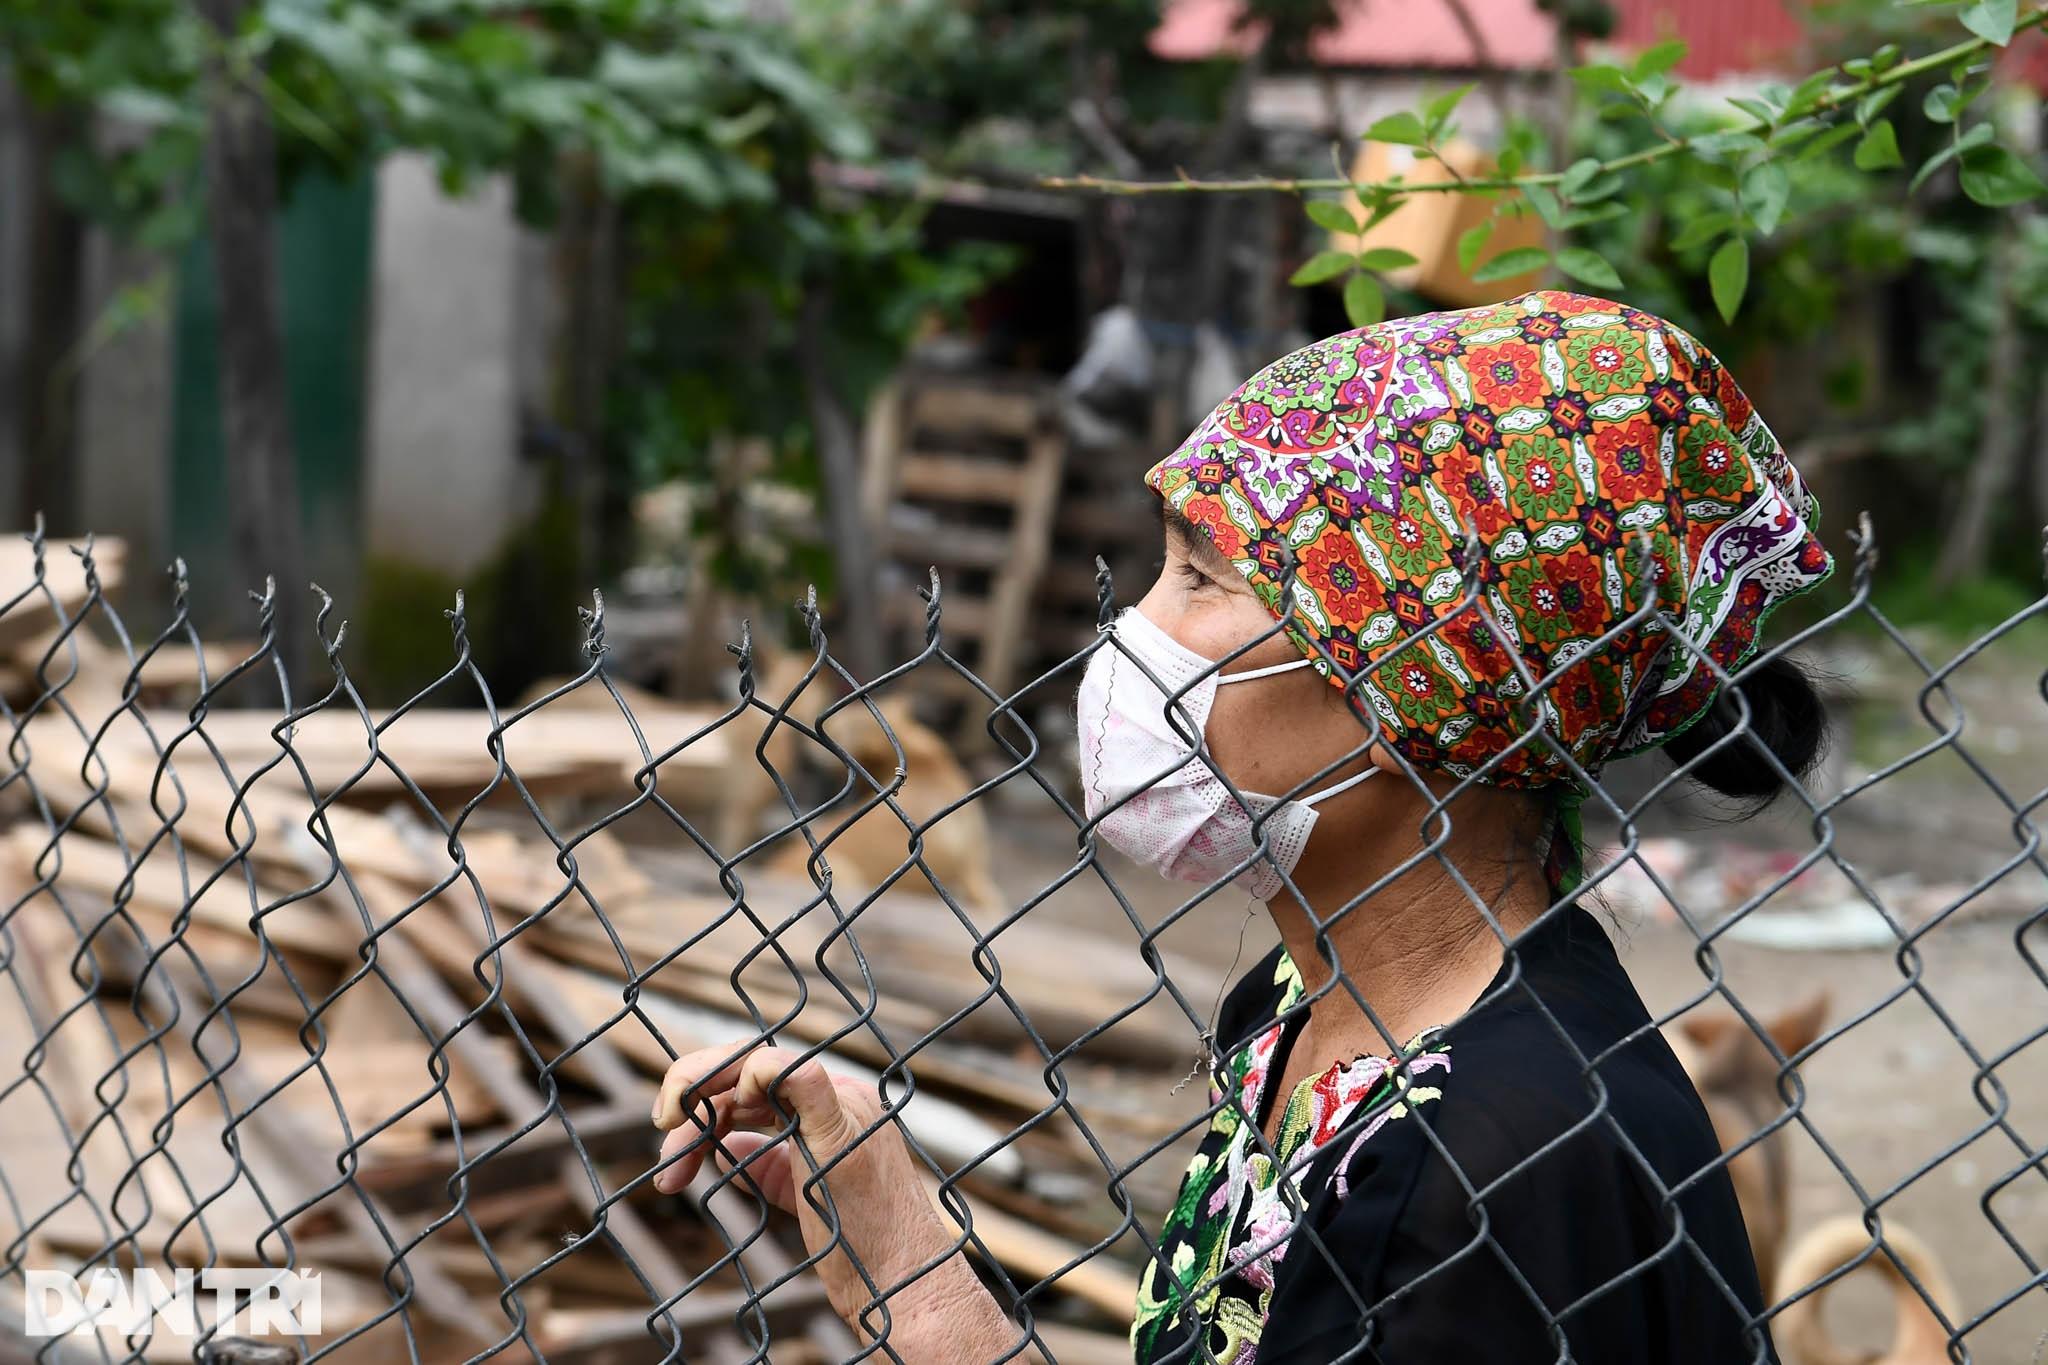 Cuộc sống khu dân cư cách ly ở Hà Nội: Cầu trời cho dịch bệnh qua nhanh - 8